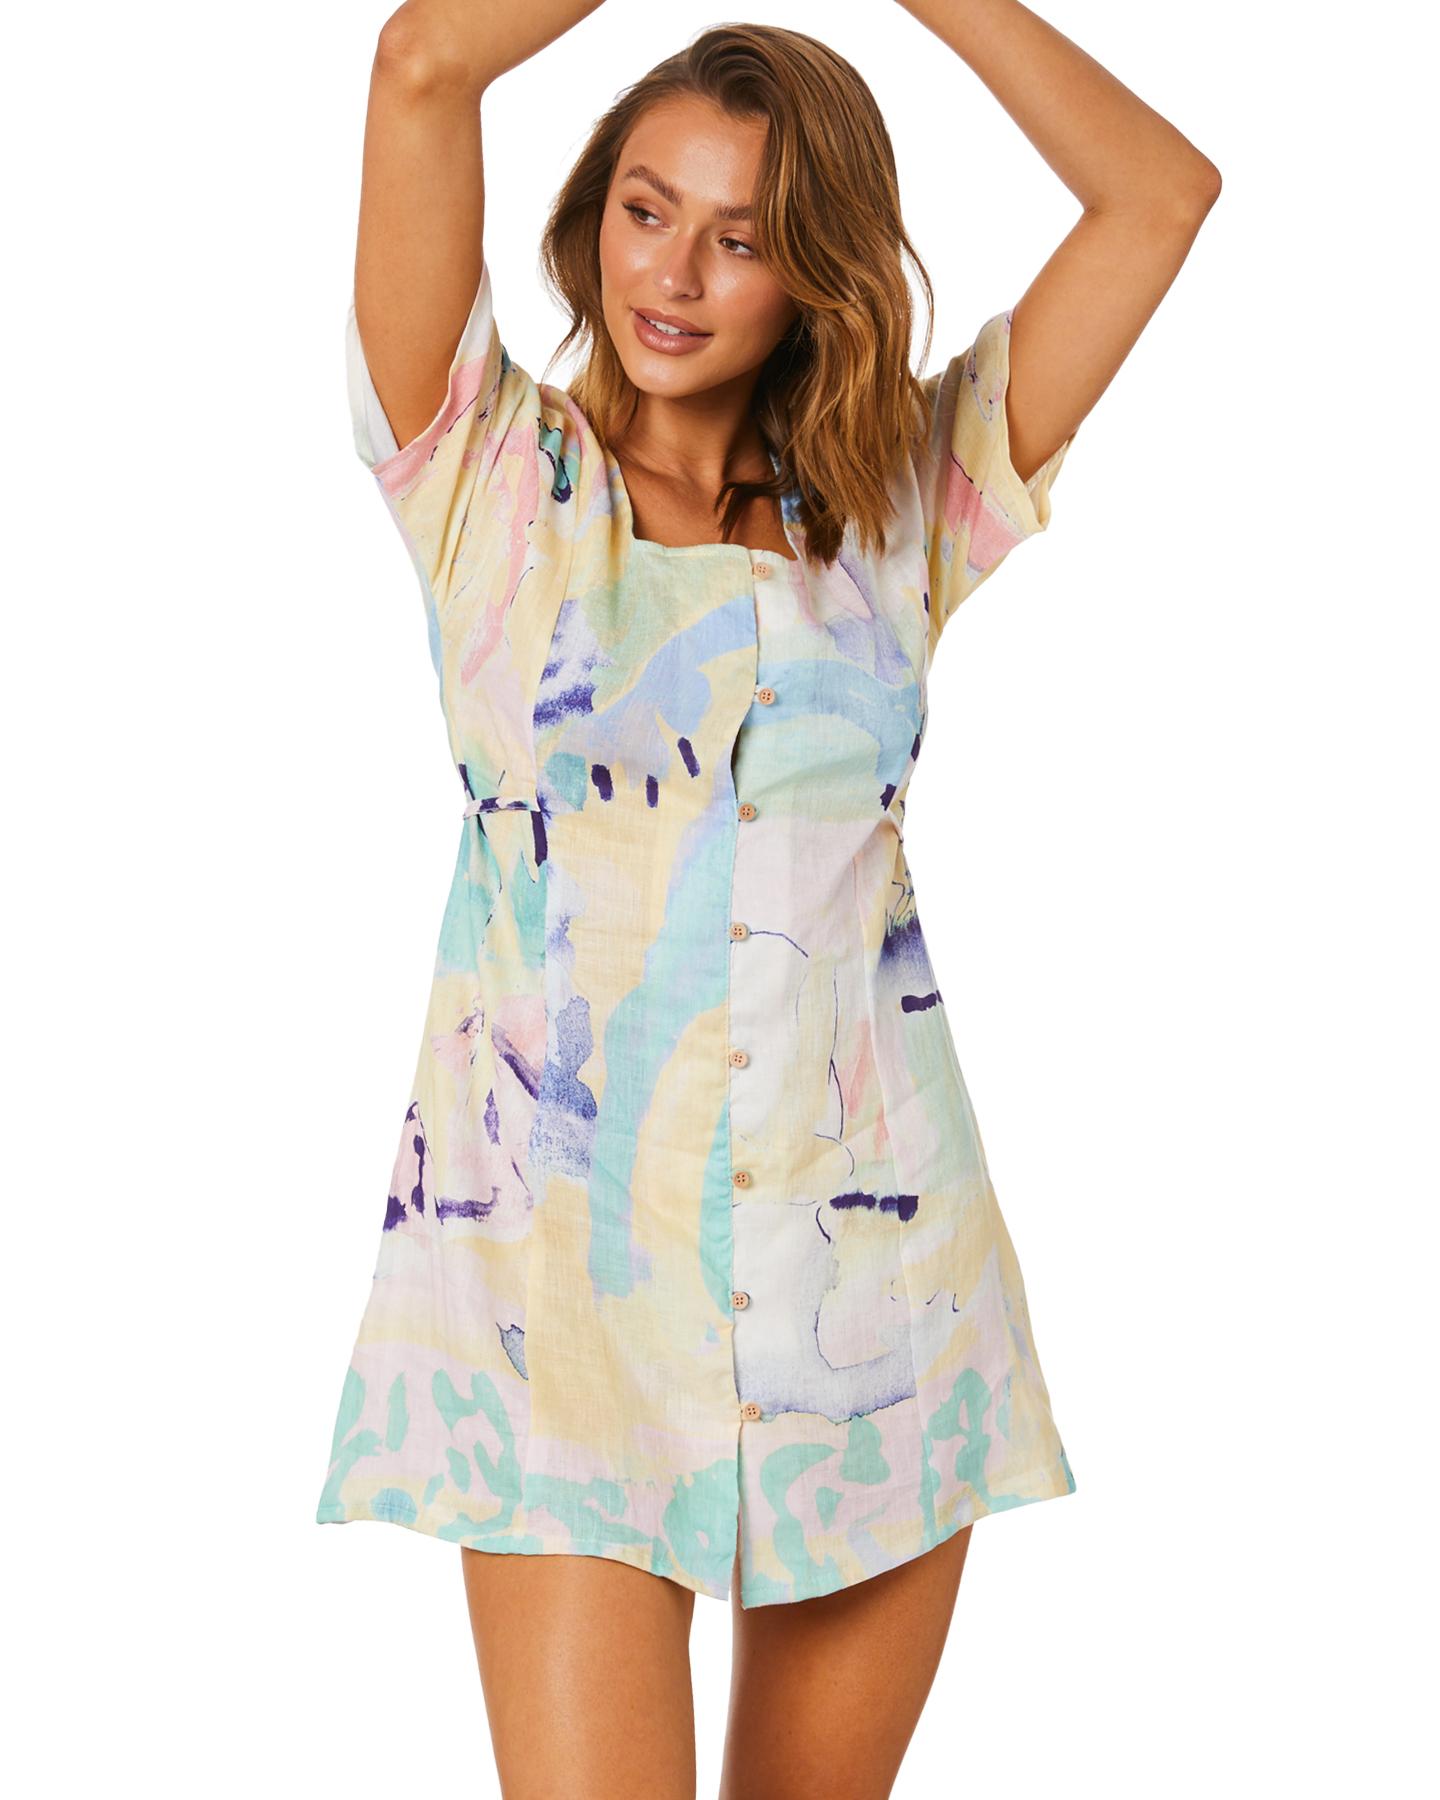 Misfit Jungle Soup Linen Dress